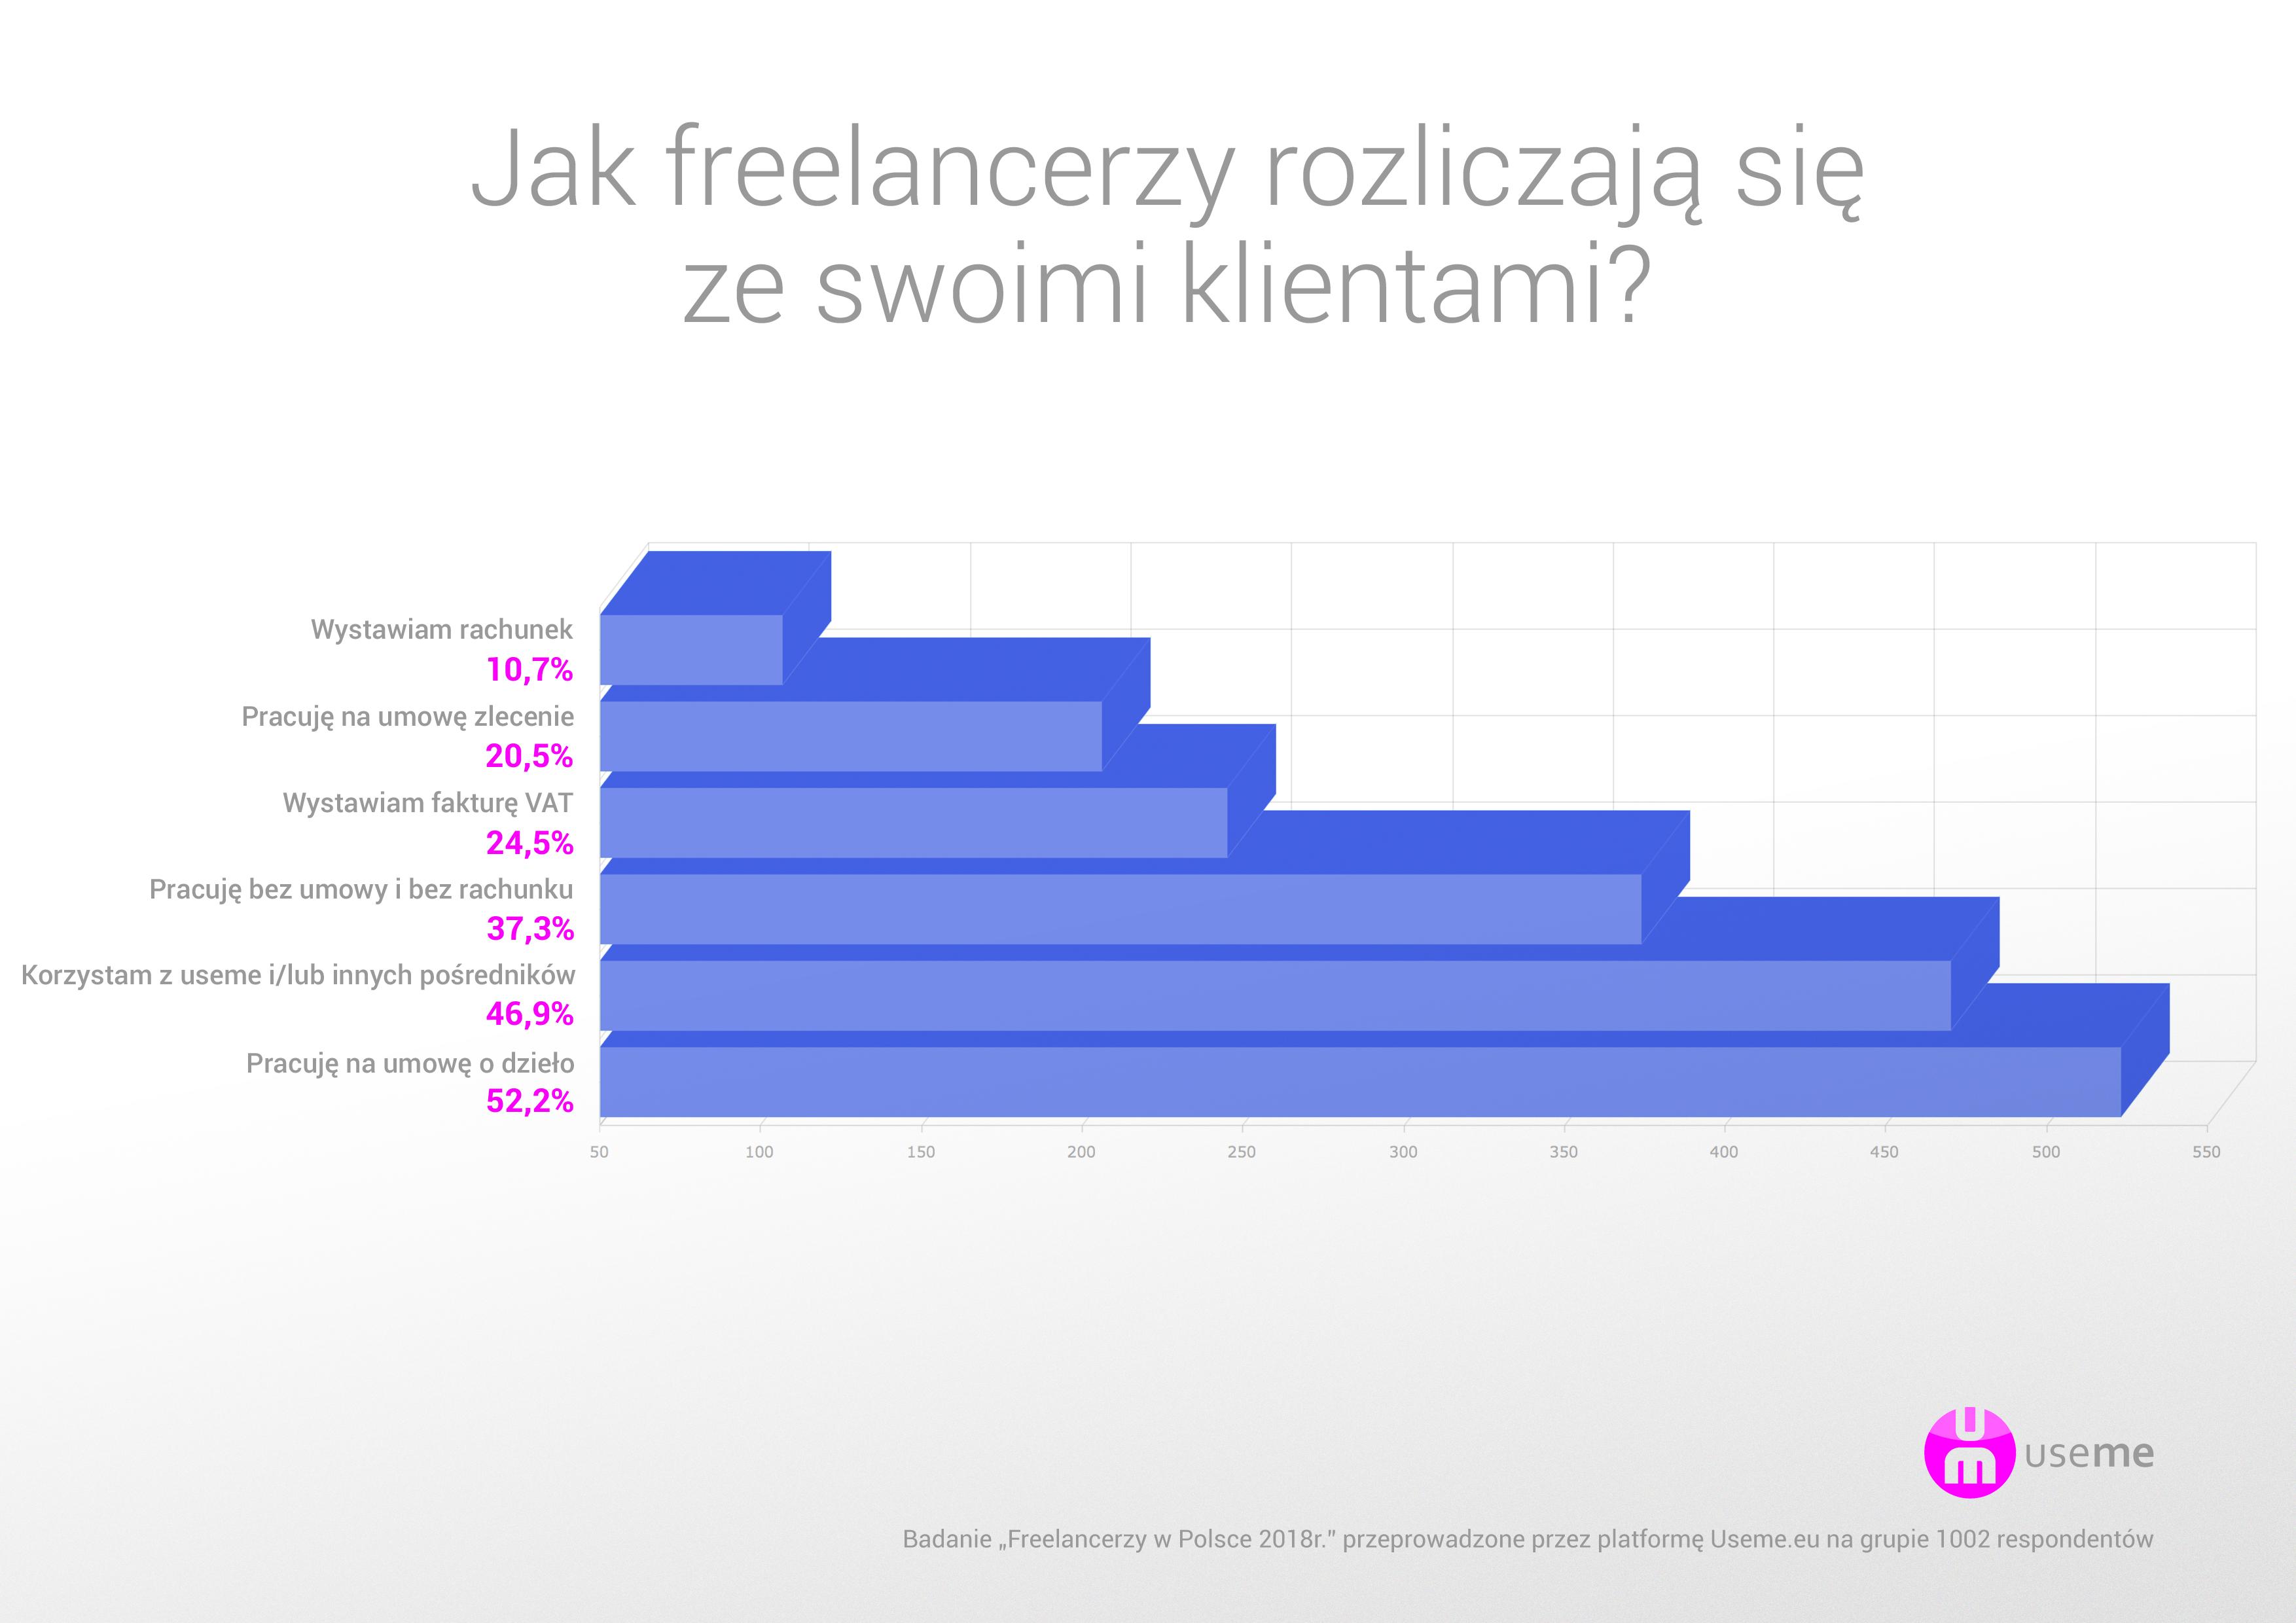 https://useme.eu/media/help-images/raport-useme-praca-zdalna-w-polsce-6-sposoby-rozliczenia.png